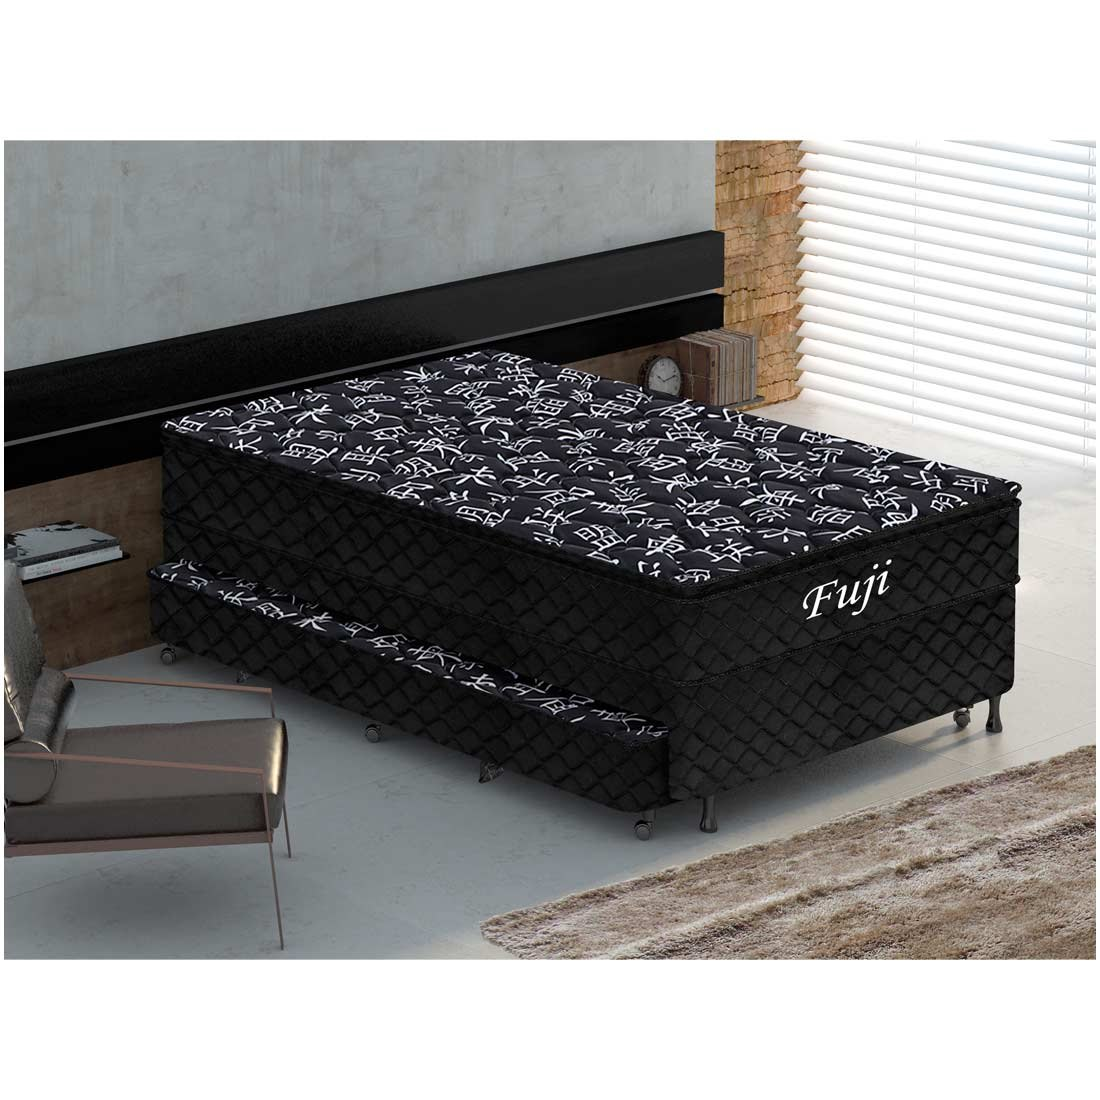 b48df6cafd cama box solteiro gazin + colchão fuji com cama auxiliar. Carregando zoom.